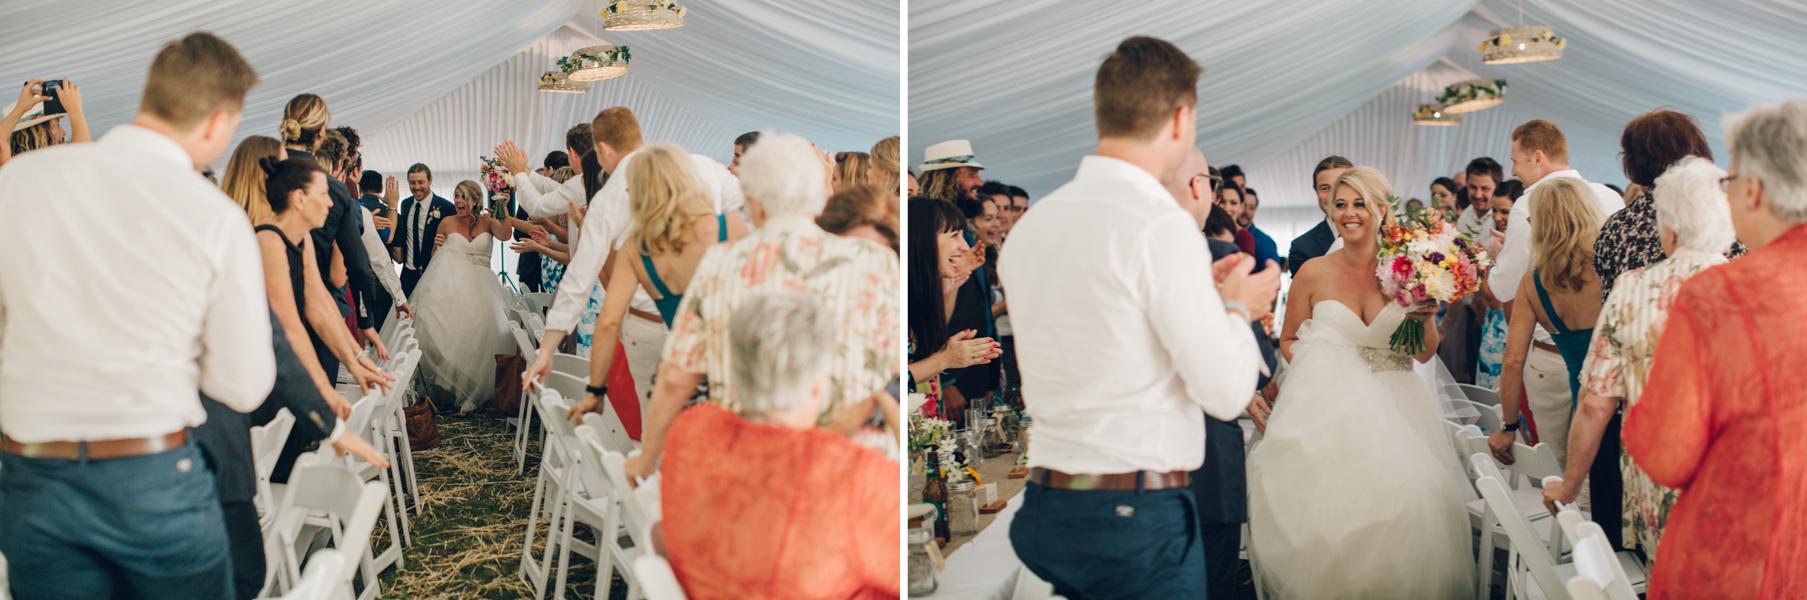 Erin & Craig Byron Bay Wedding Photography 31.jpg